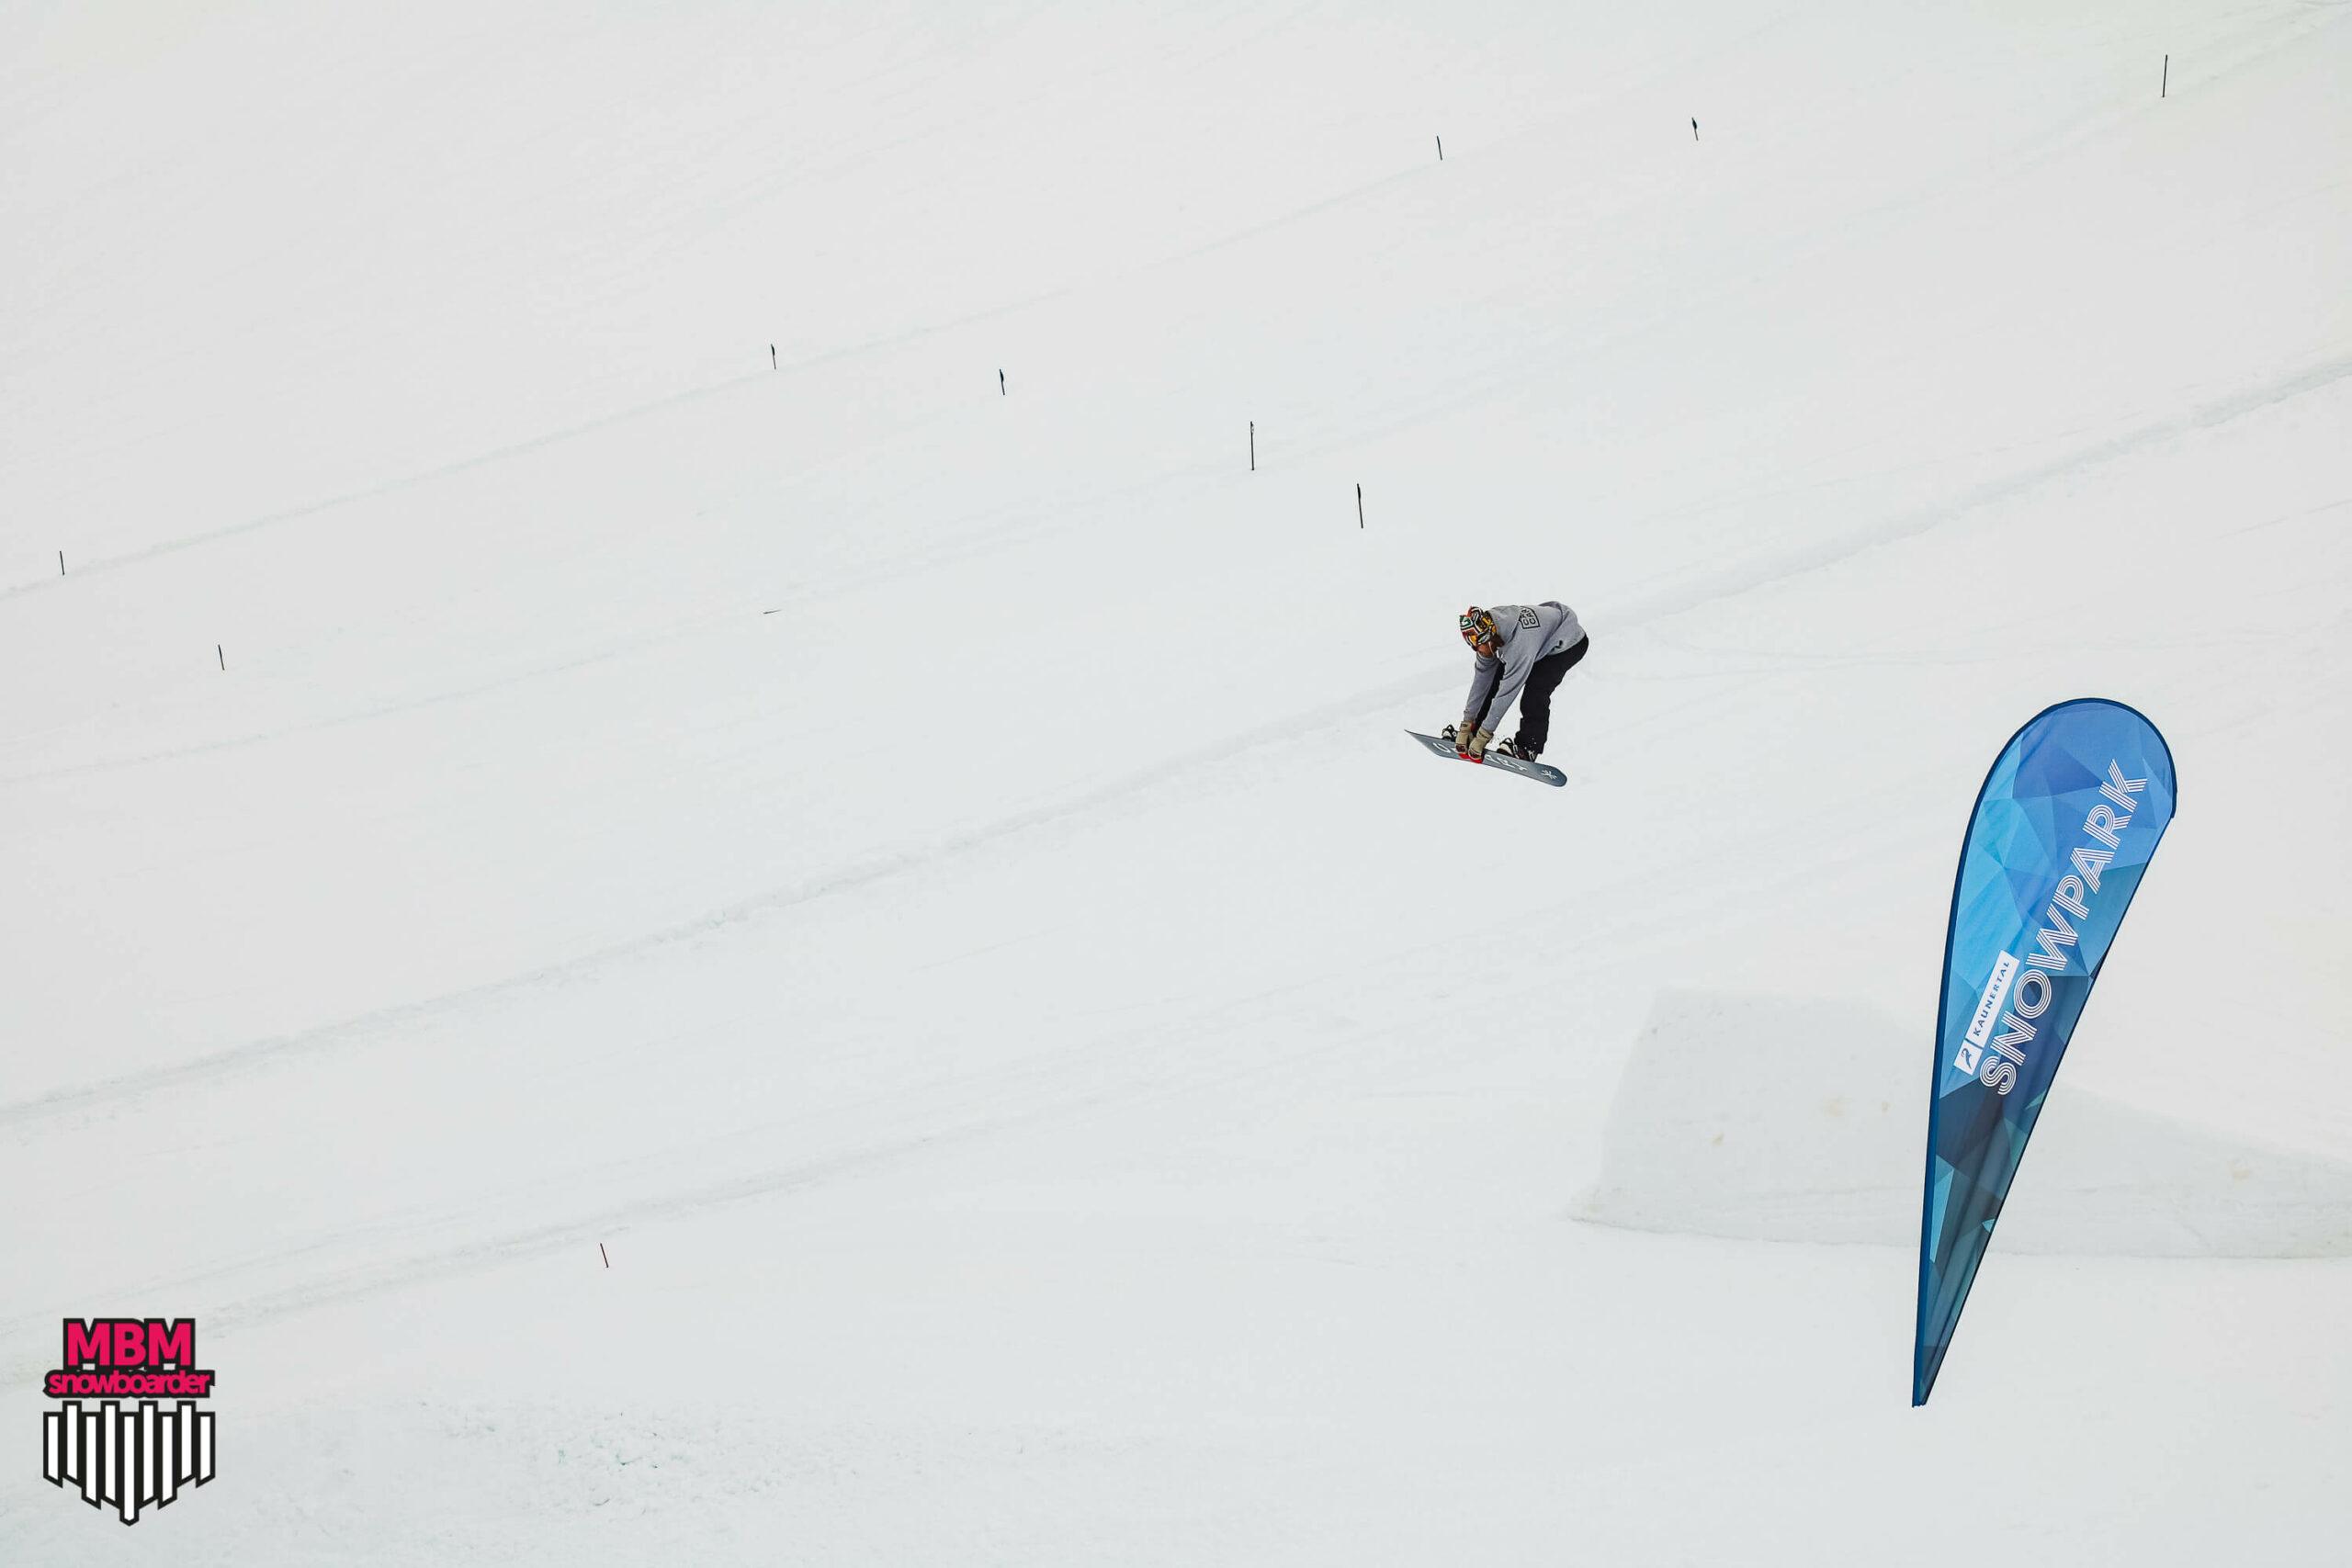 snowboarderMBM_sd_kaunertal_076